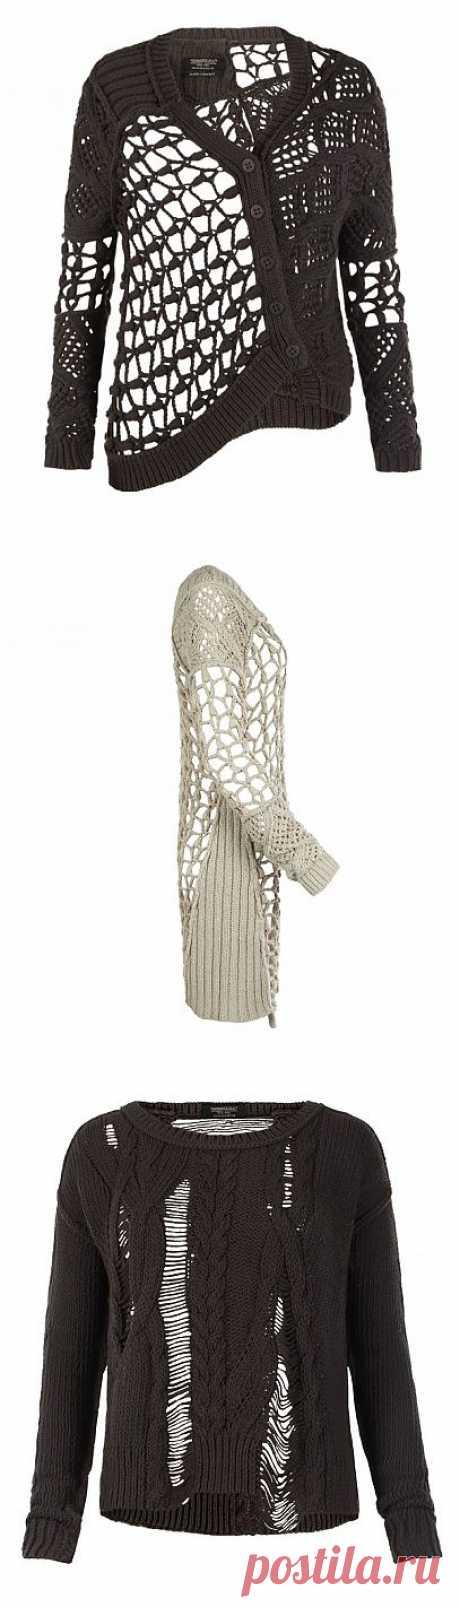 Жакеты и кардиган от AllSaints в стиле винтаж / Вязание / Модный сайт о стильной переделке одежды и интерьера